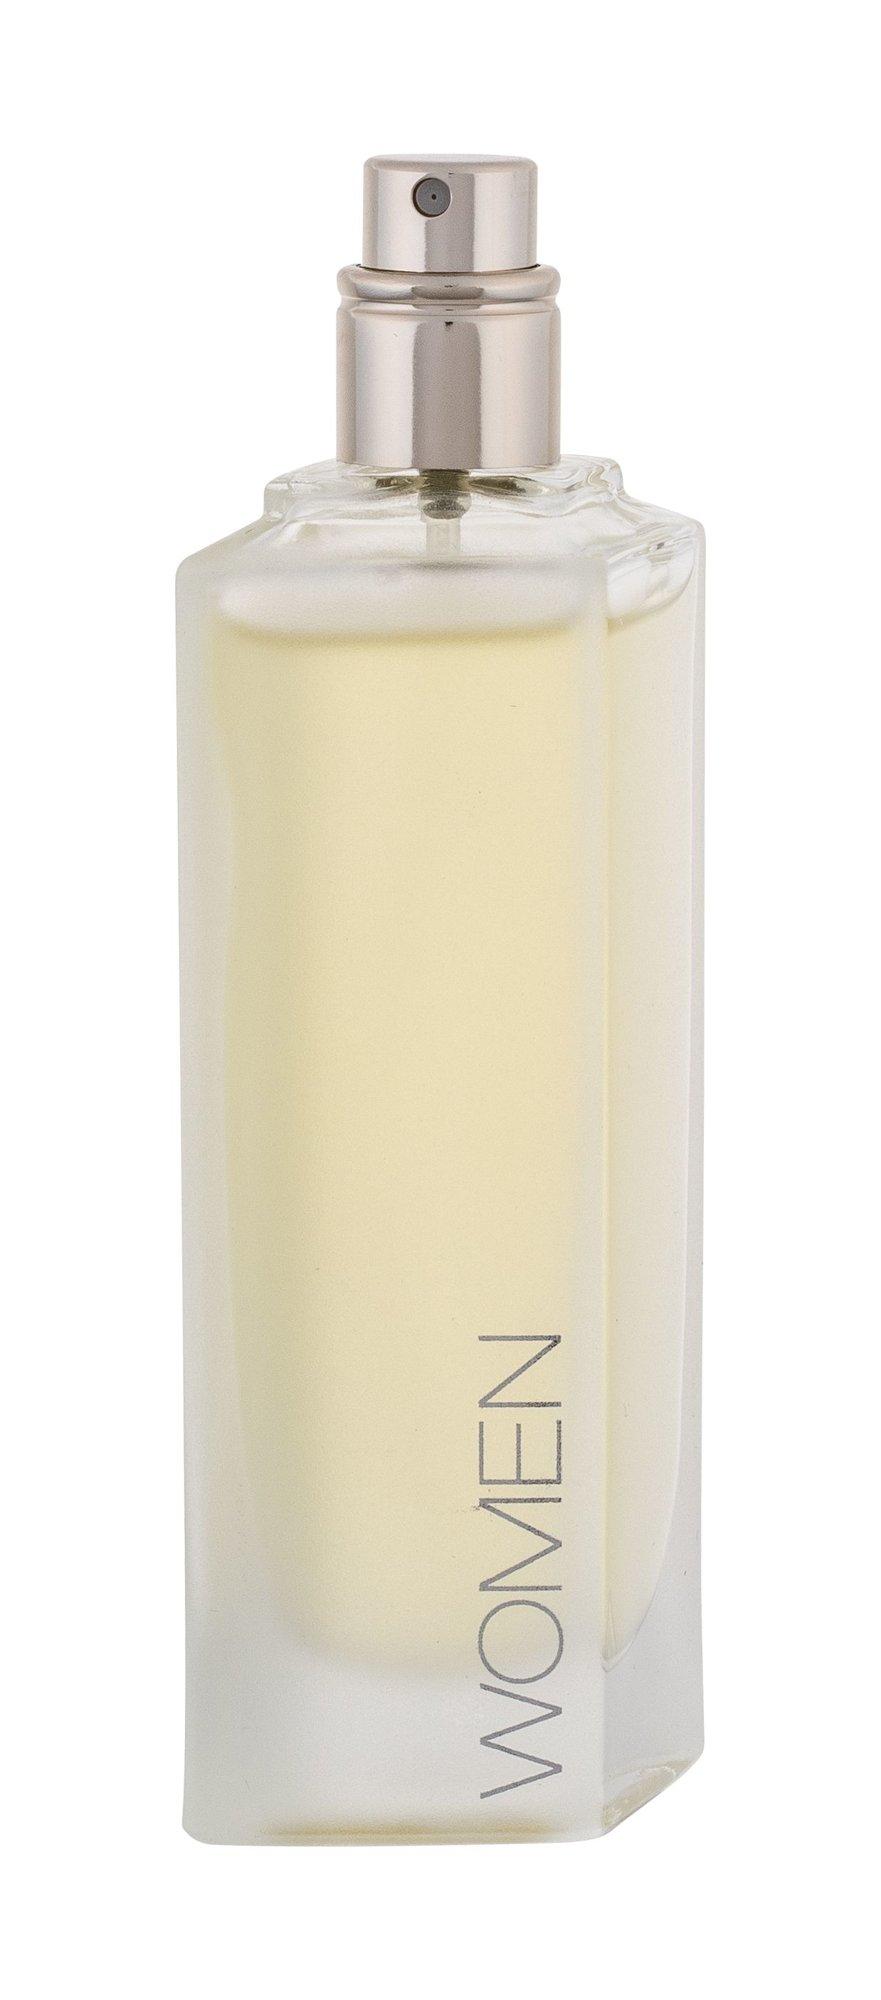 DKNY DKNY Women Eau de Parfum 30ml